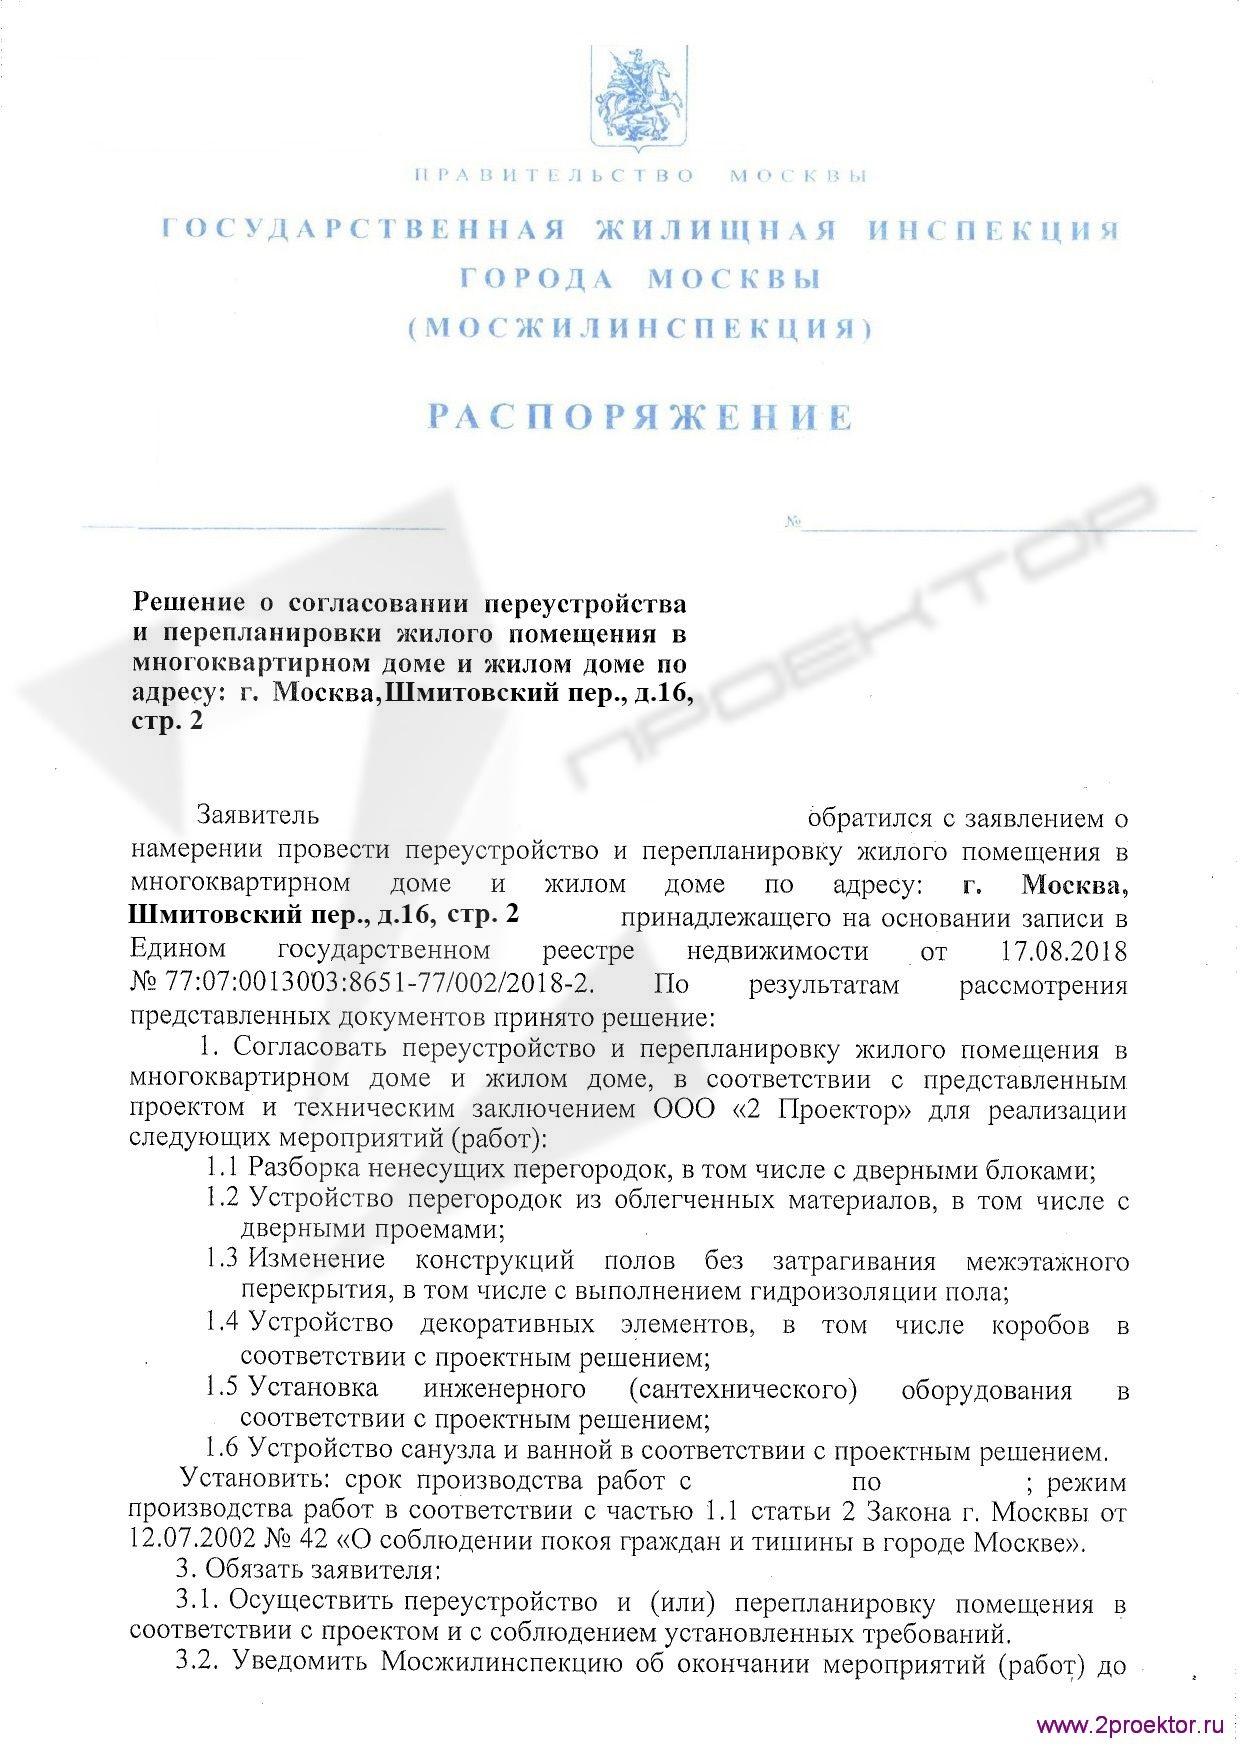 Распоряжение Мосжилинспекции страница 1